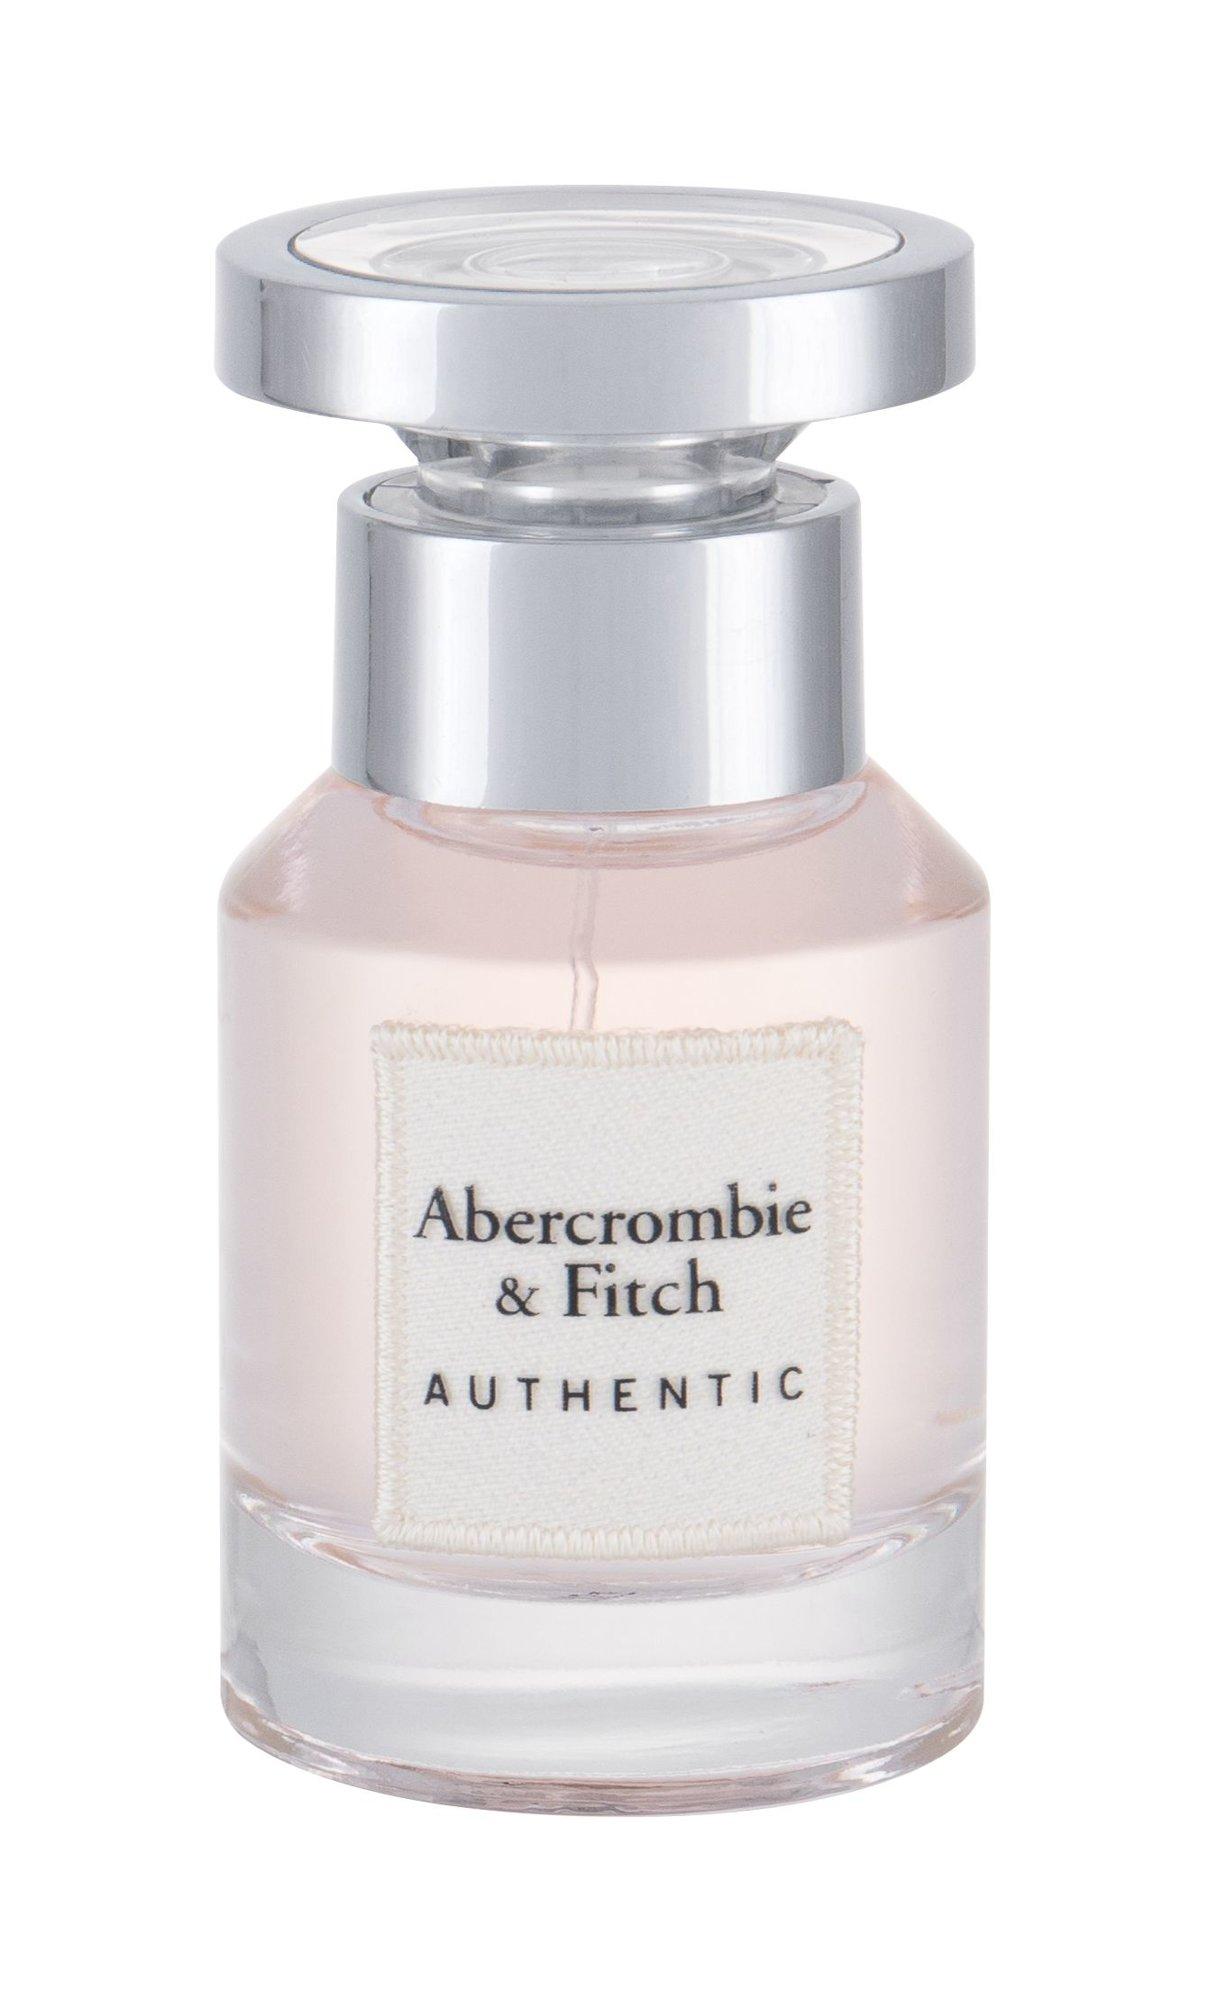 Abercrombie & Fitch Authentic Eau de Parfum 30ml